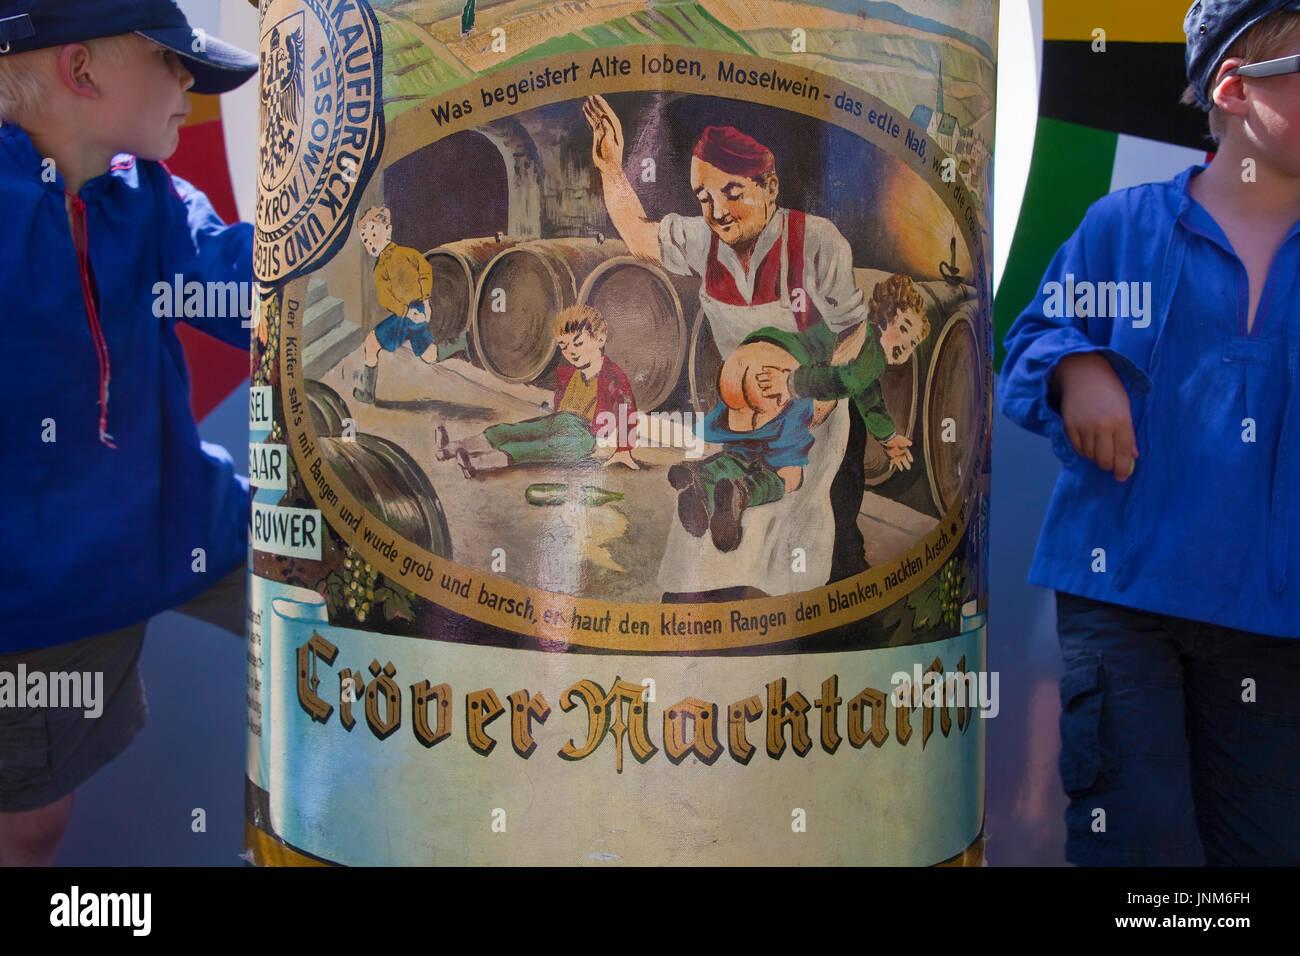 Festwagen Kröver Nacktarsch beim internationalen Trachtenfest in Kröv, Mosel, Mittelmosel, Rheinland-Pfalz, Deutschland, Stock Photo